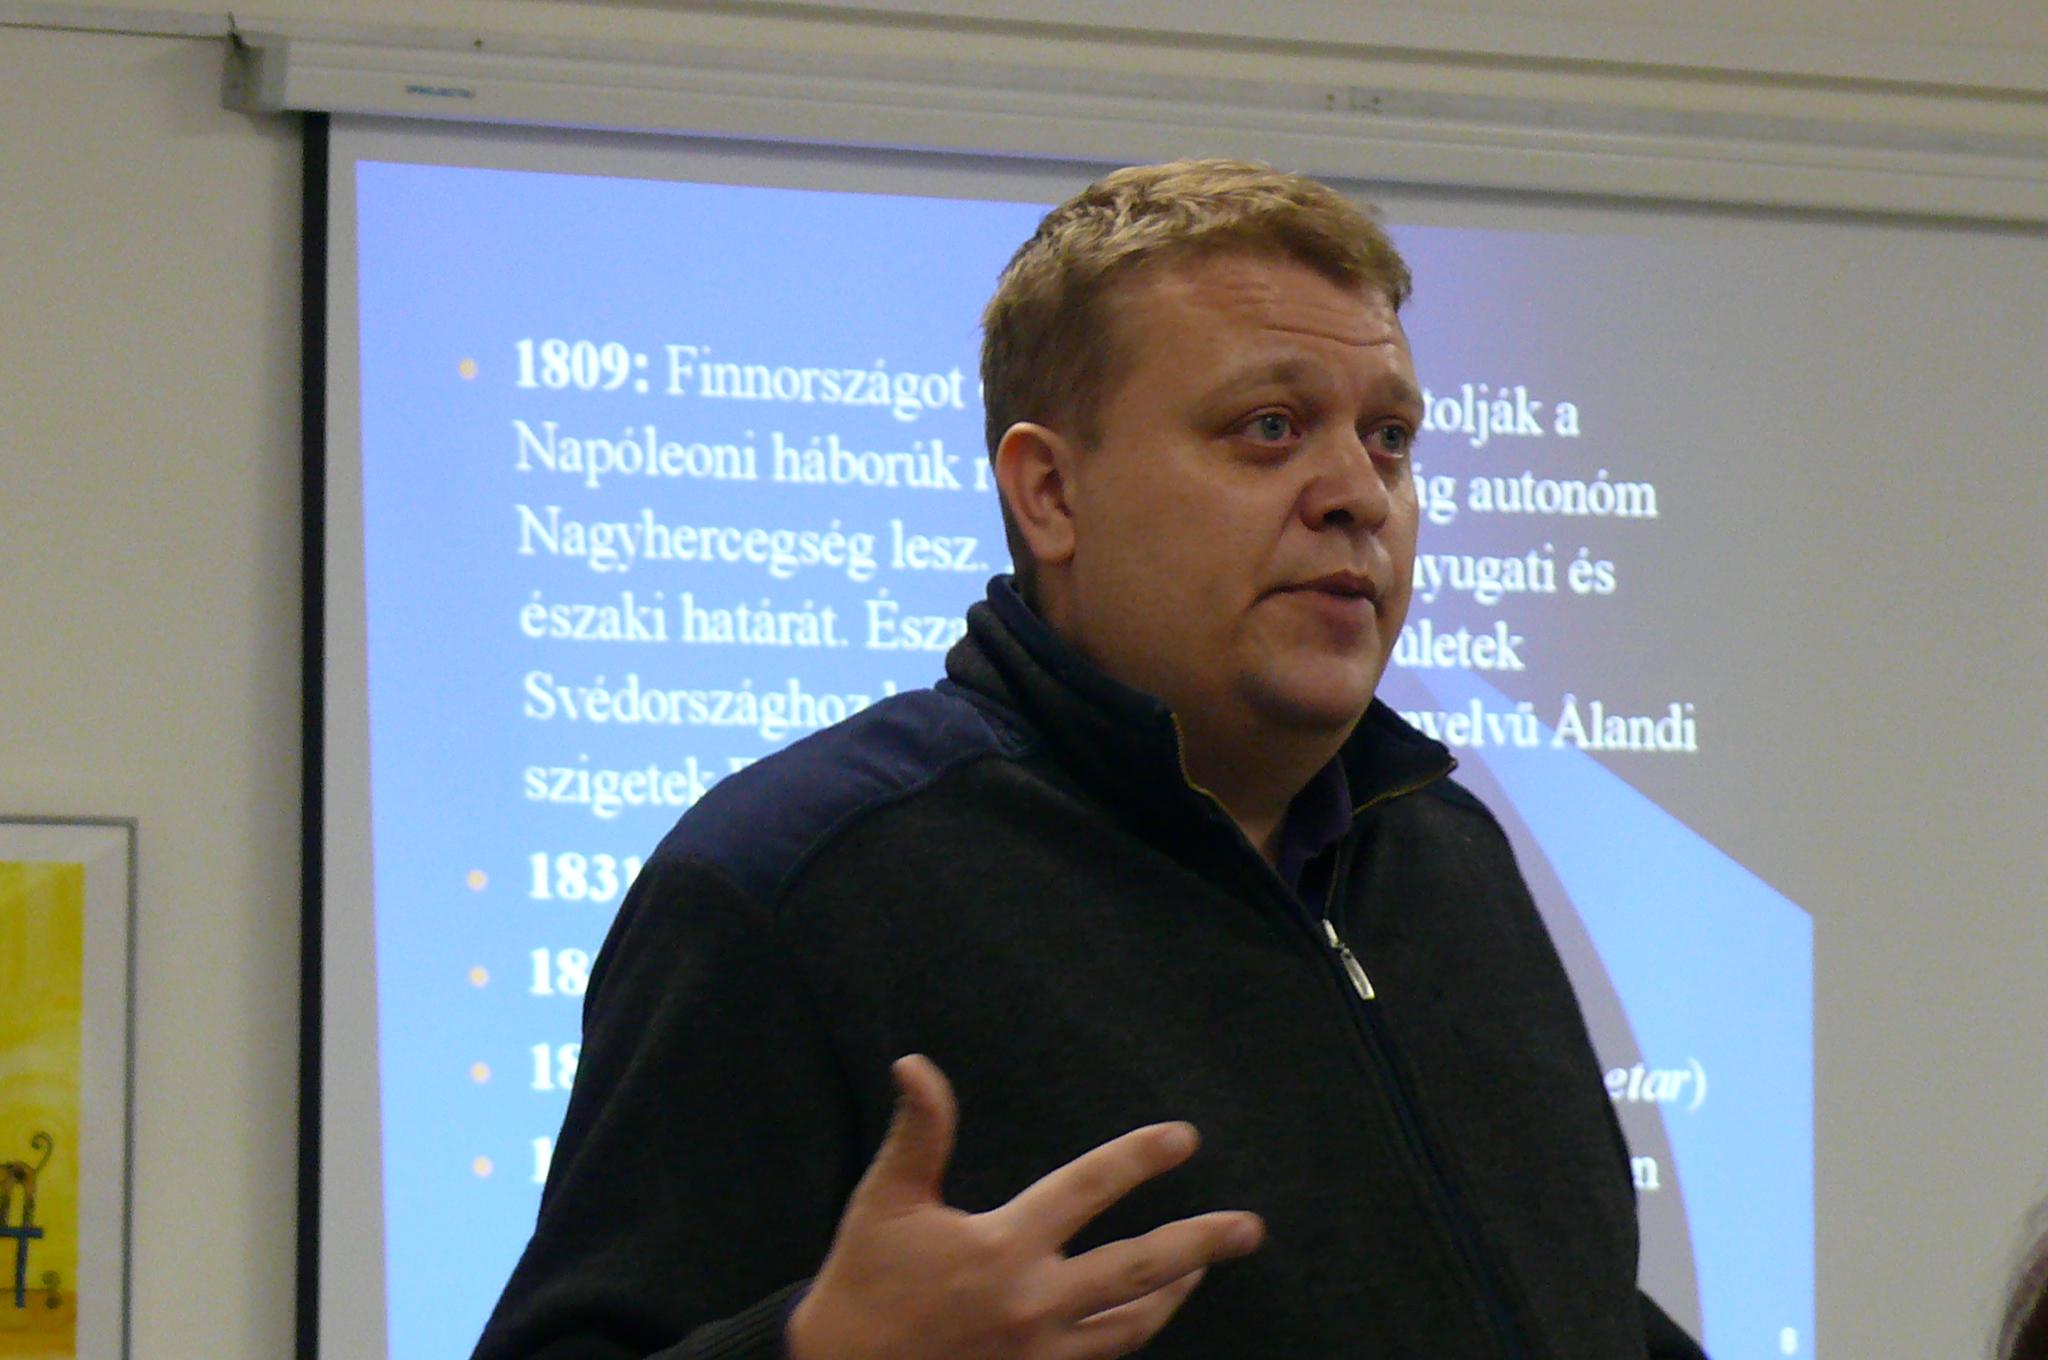 Petteri Laihonen: Magyar iskola székely tájban? A csíkszentdomokosi iskola nyelvi tájképe